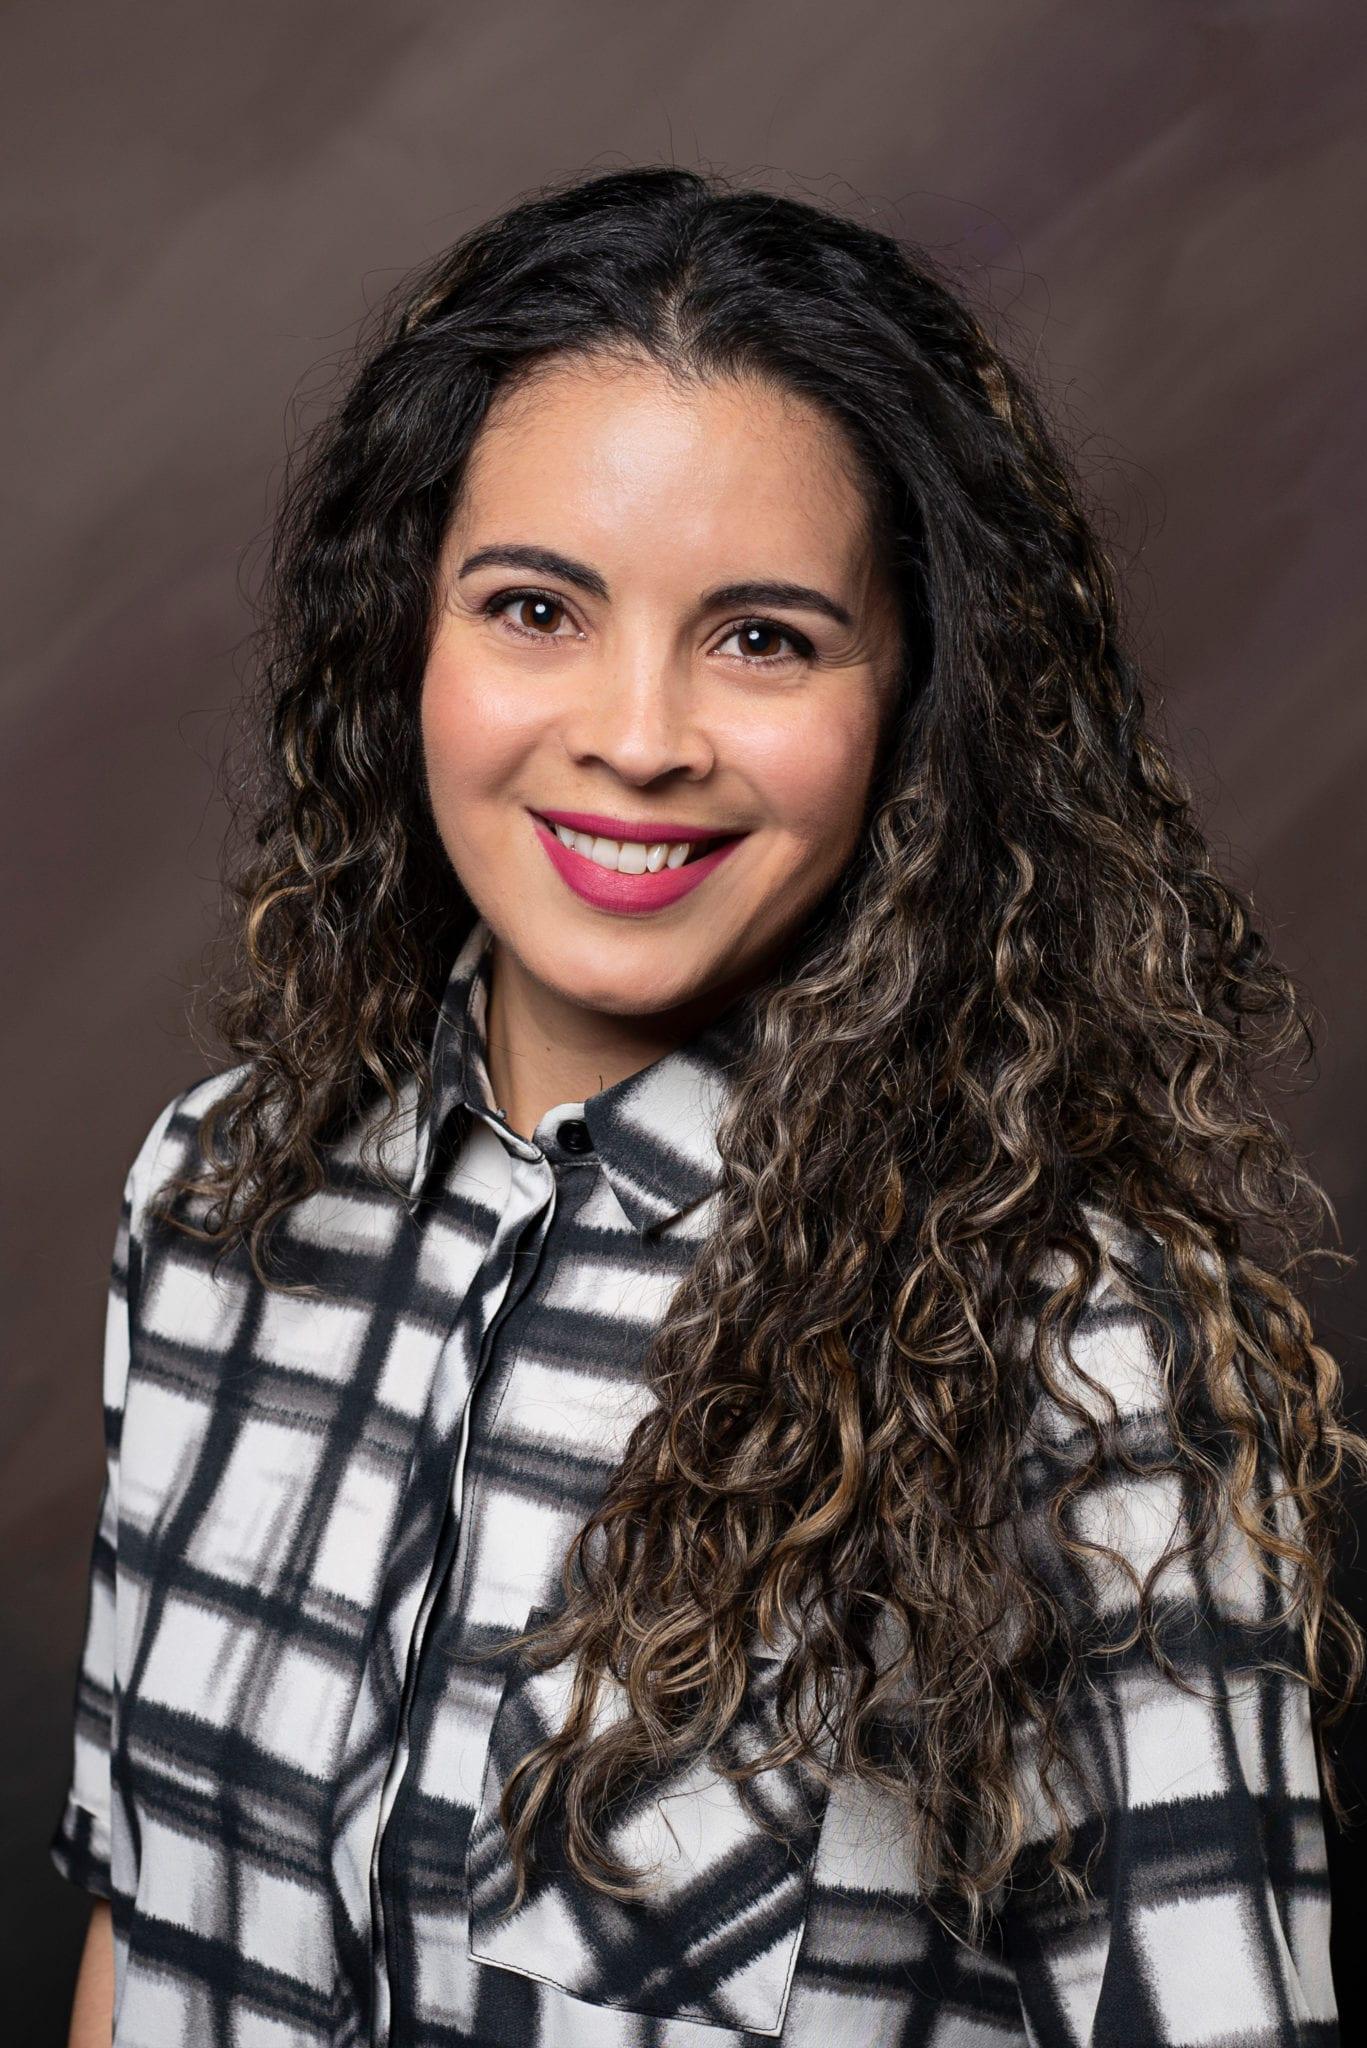 Carrie Parsons, KVNE Morning Show Co-Host